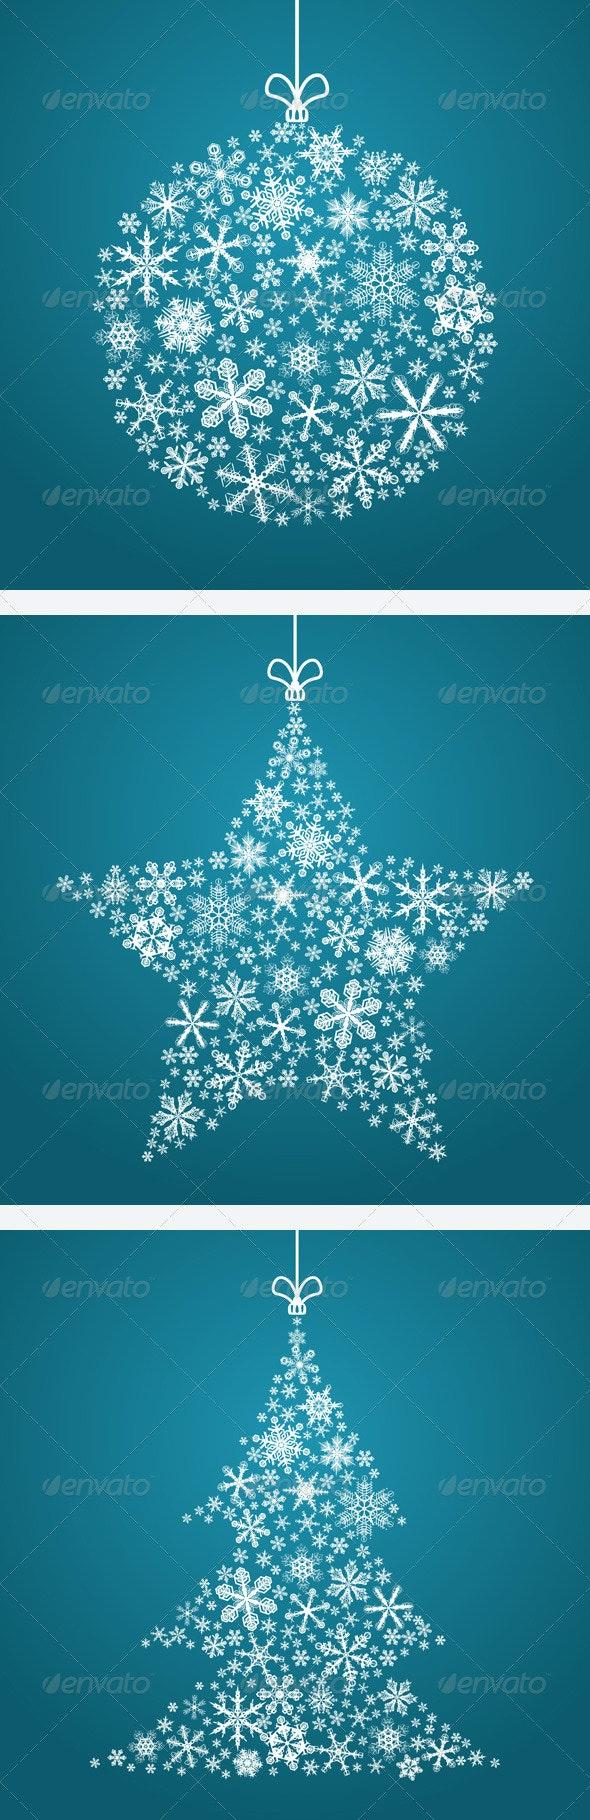 3 Christmas Backgrounds - Christmas Seasons/Holidays